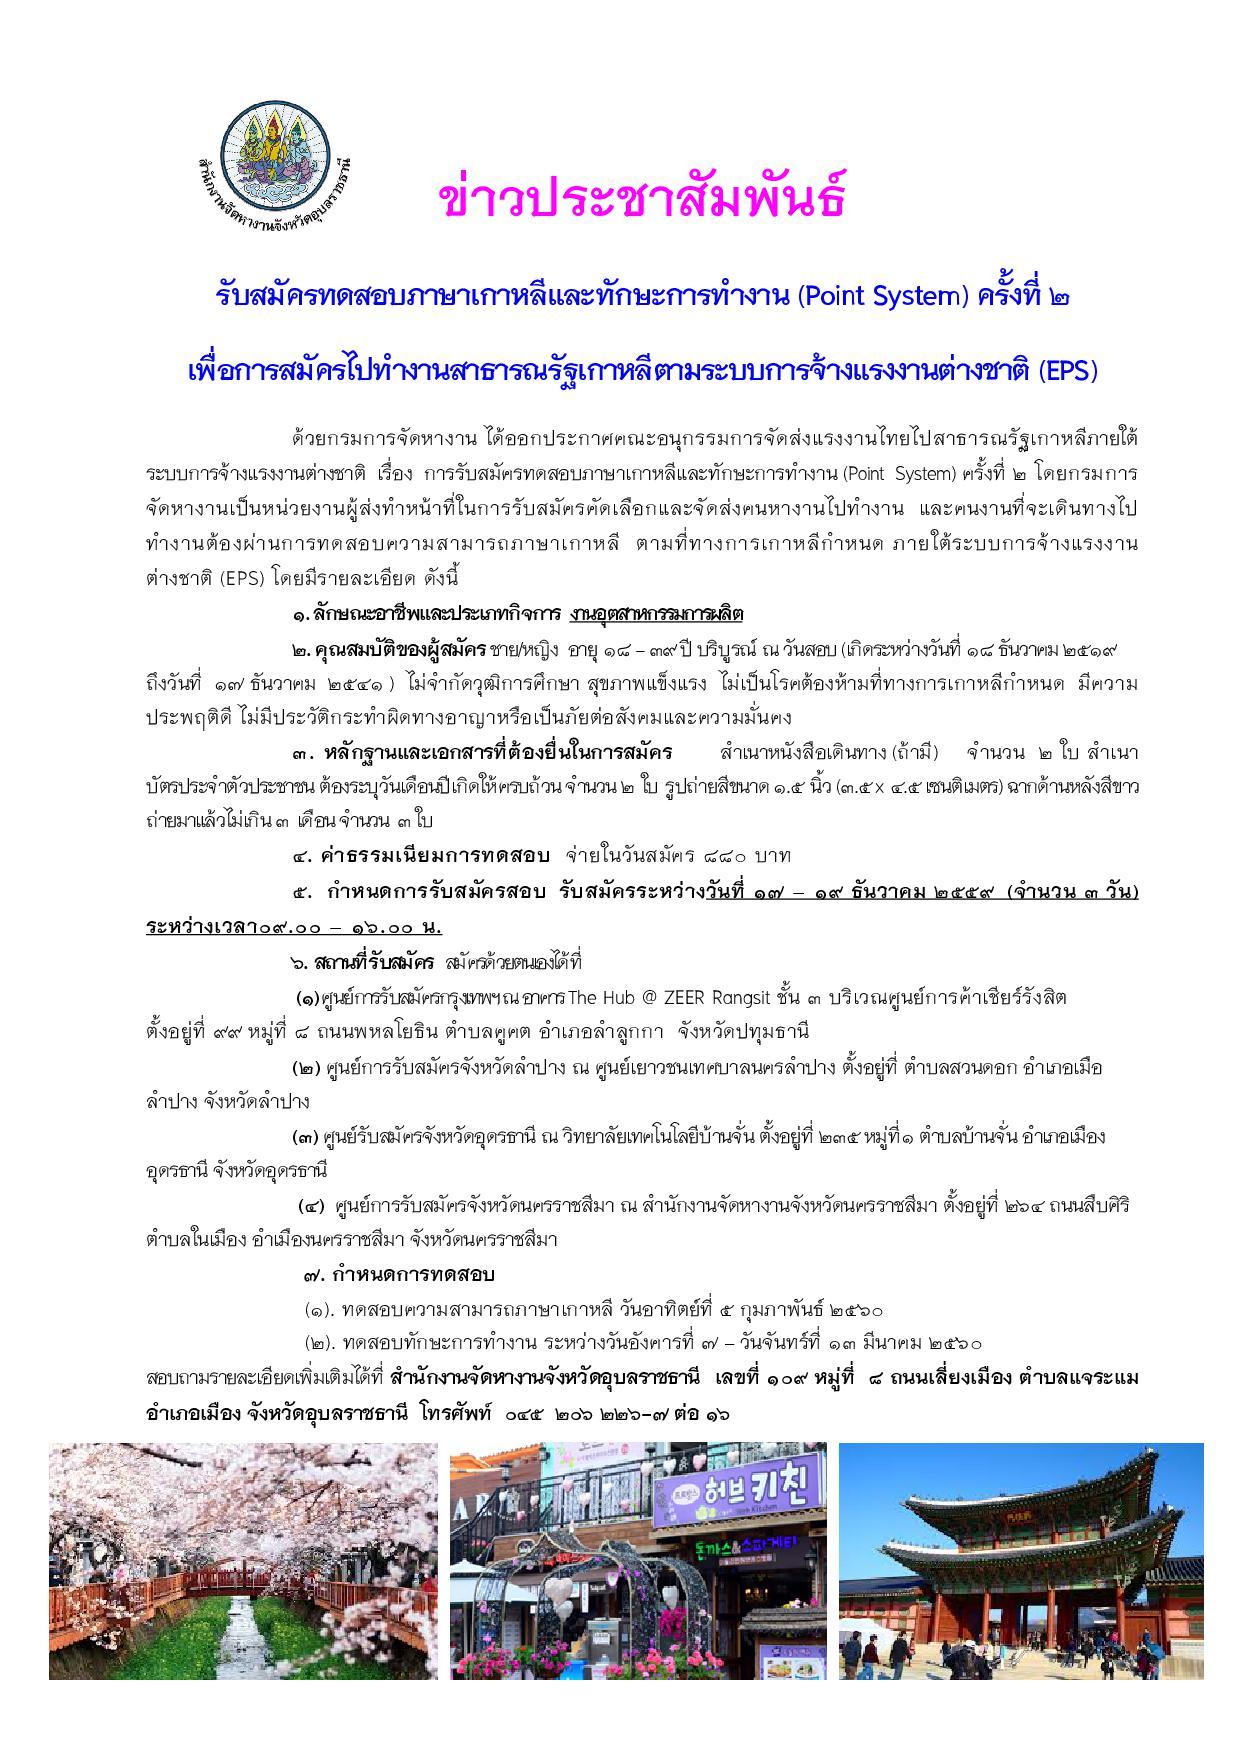 ข่าวประชาสัมพันธ์ รับสมัครทดสอบภาษาเกาหลีและทักษะการทำงาน (Point System) ครั้งที่ 2      เพื่อการสมัครไปทำงานสาธารณรัฐเกาหลีตามระบบการจ้างแรงงานต่างชาติ (EPS)